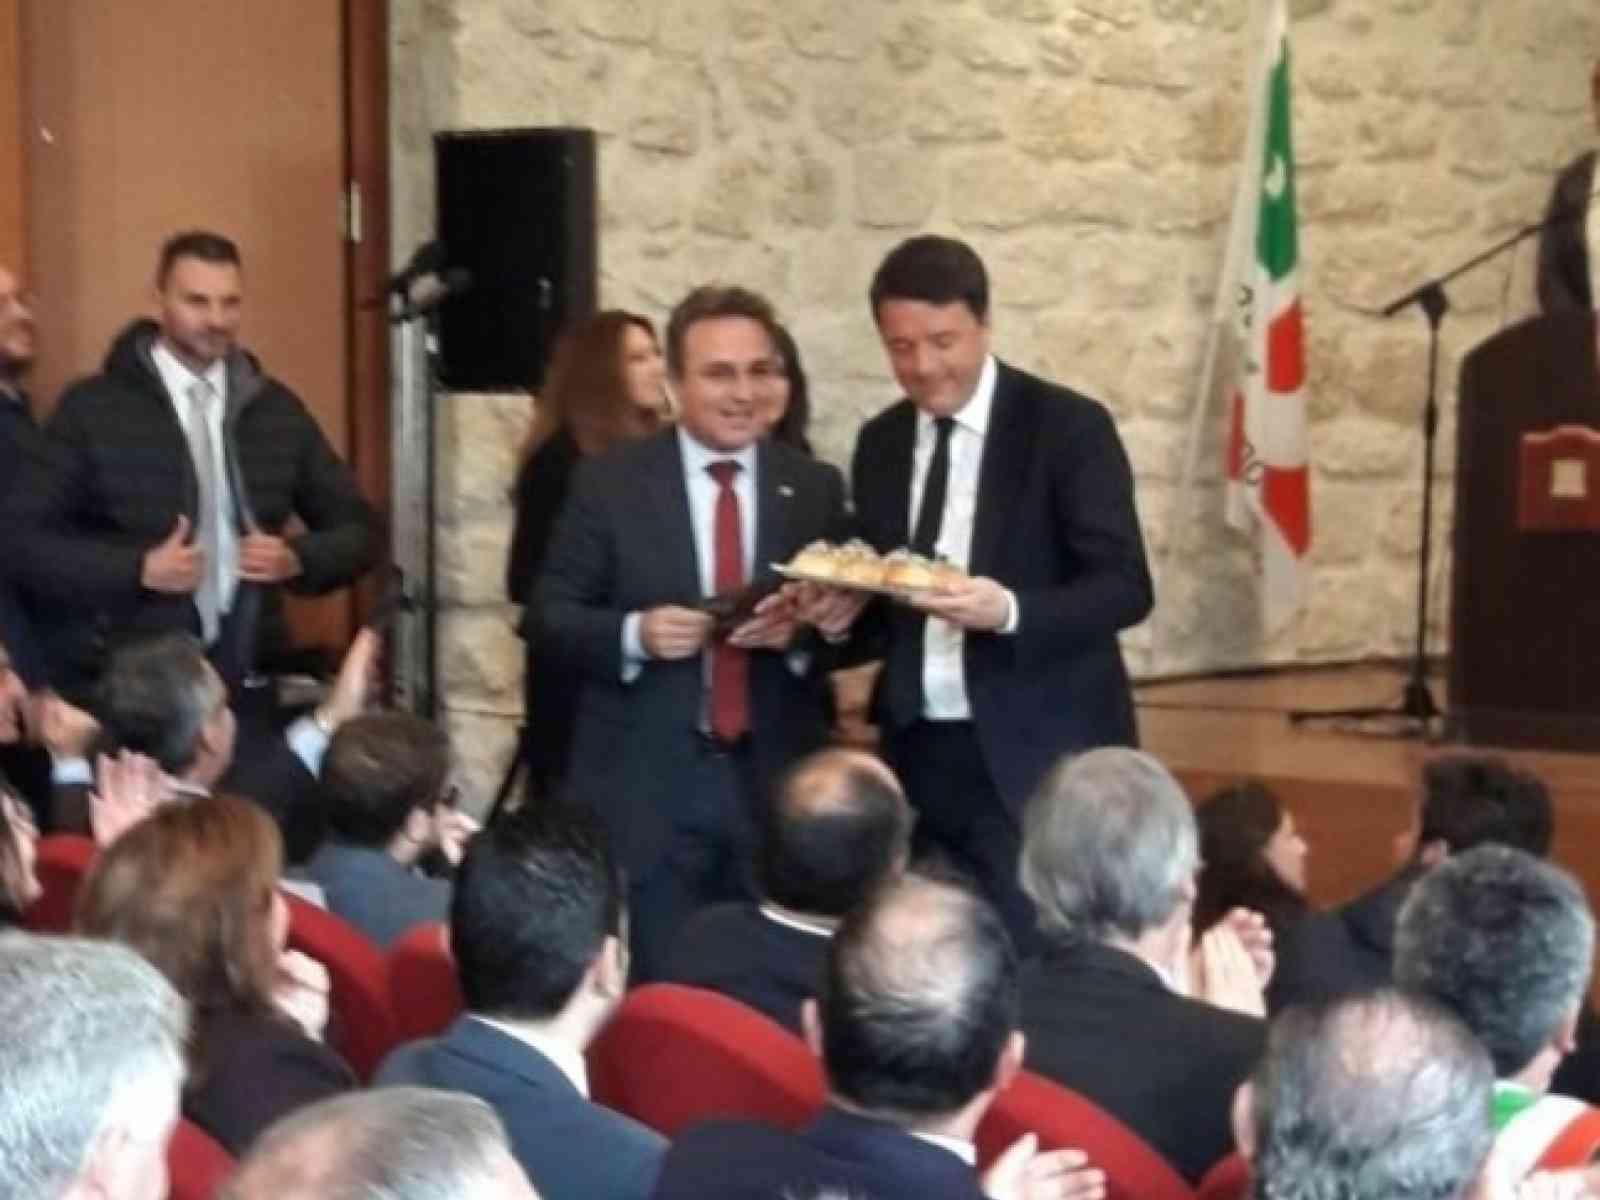 Renzi incontra i sindaci di 4 comuni siciliani 'virtuosi'. C'è anche il sindaco di Sambuca, Leo Ciaccio